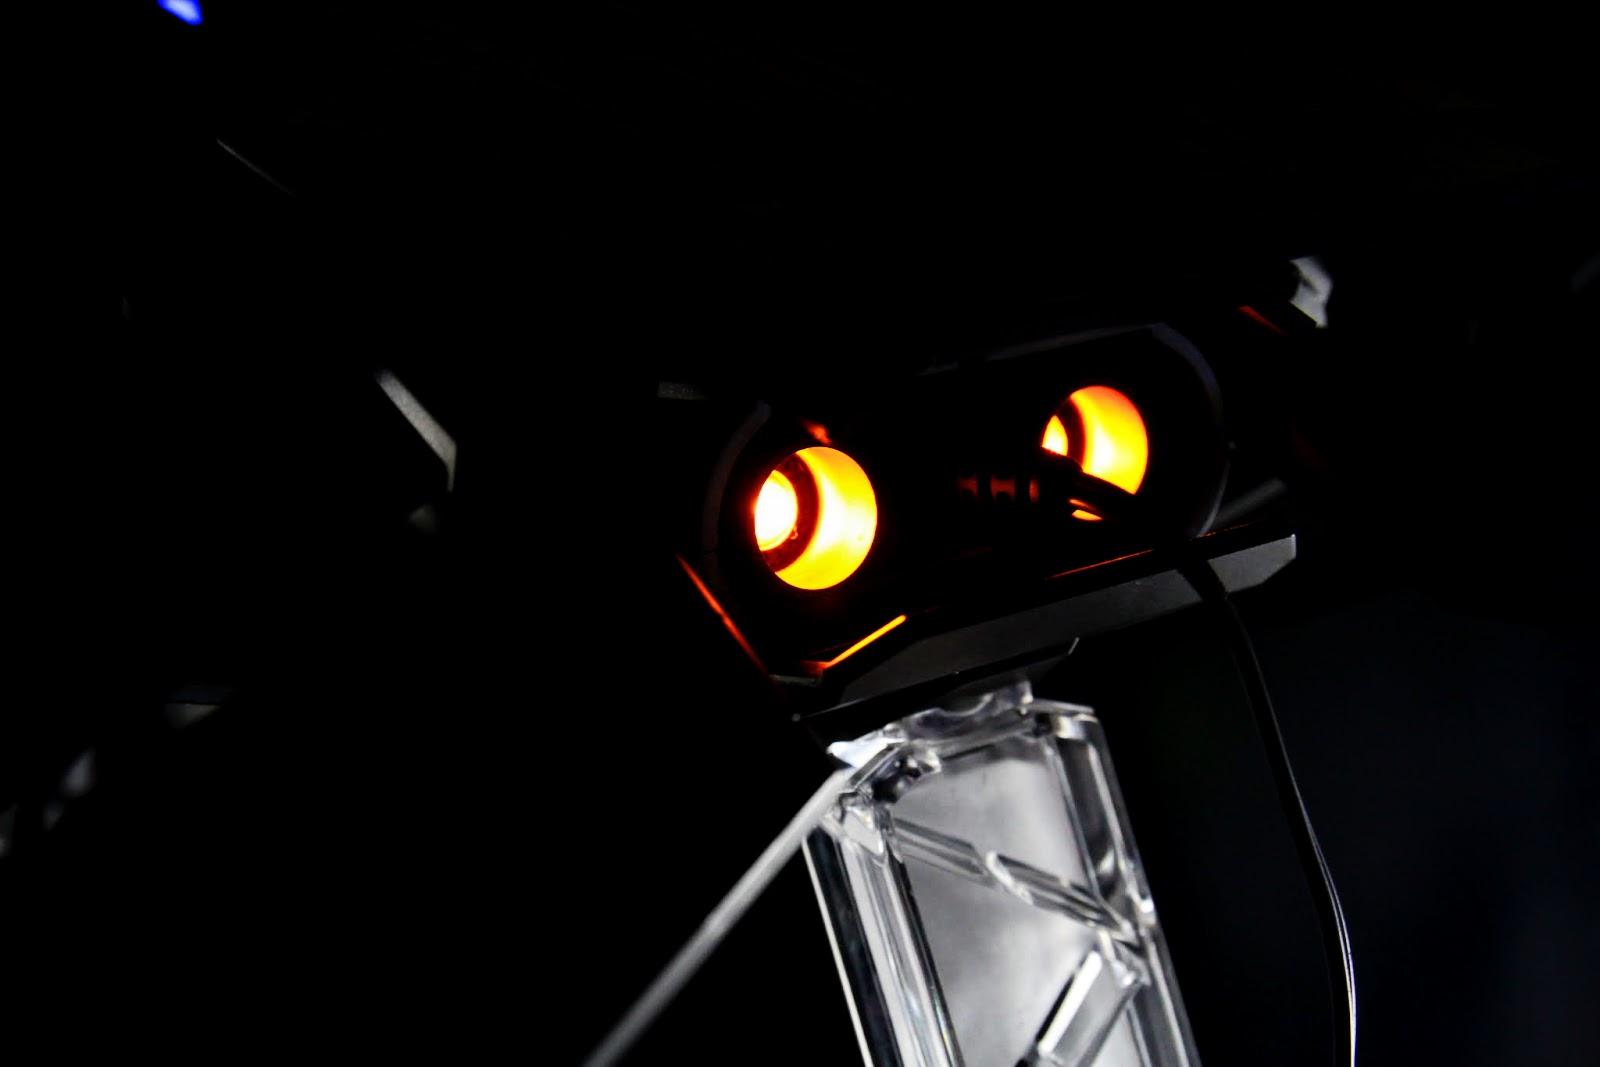 後面的噴射器燈是橘紅色